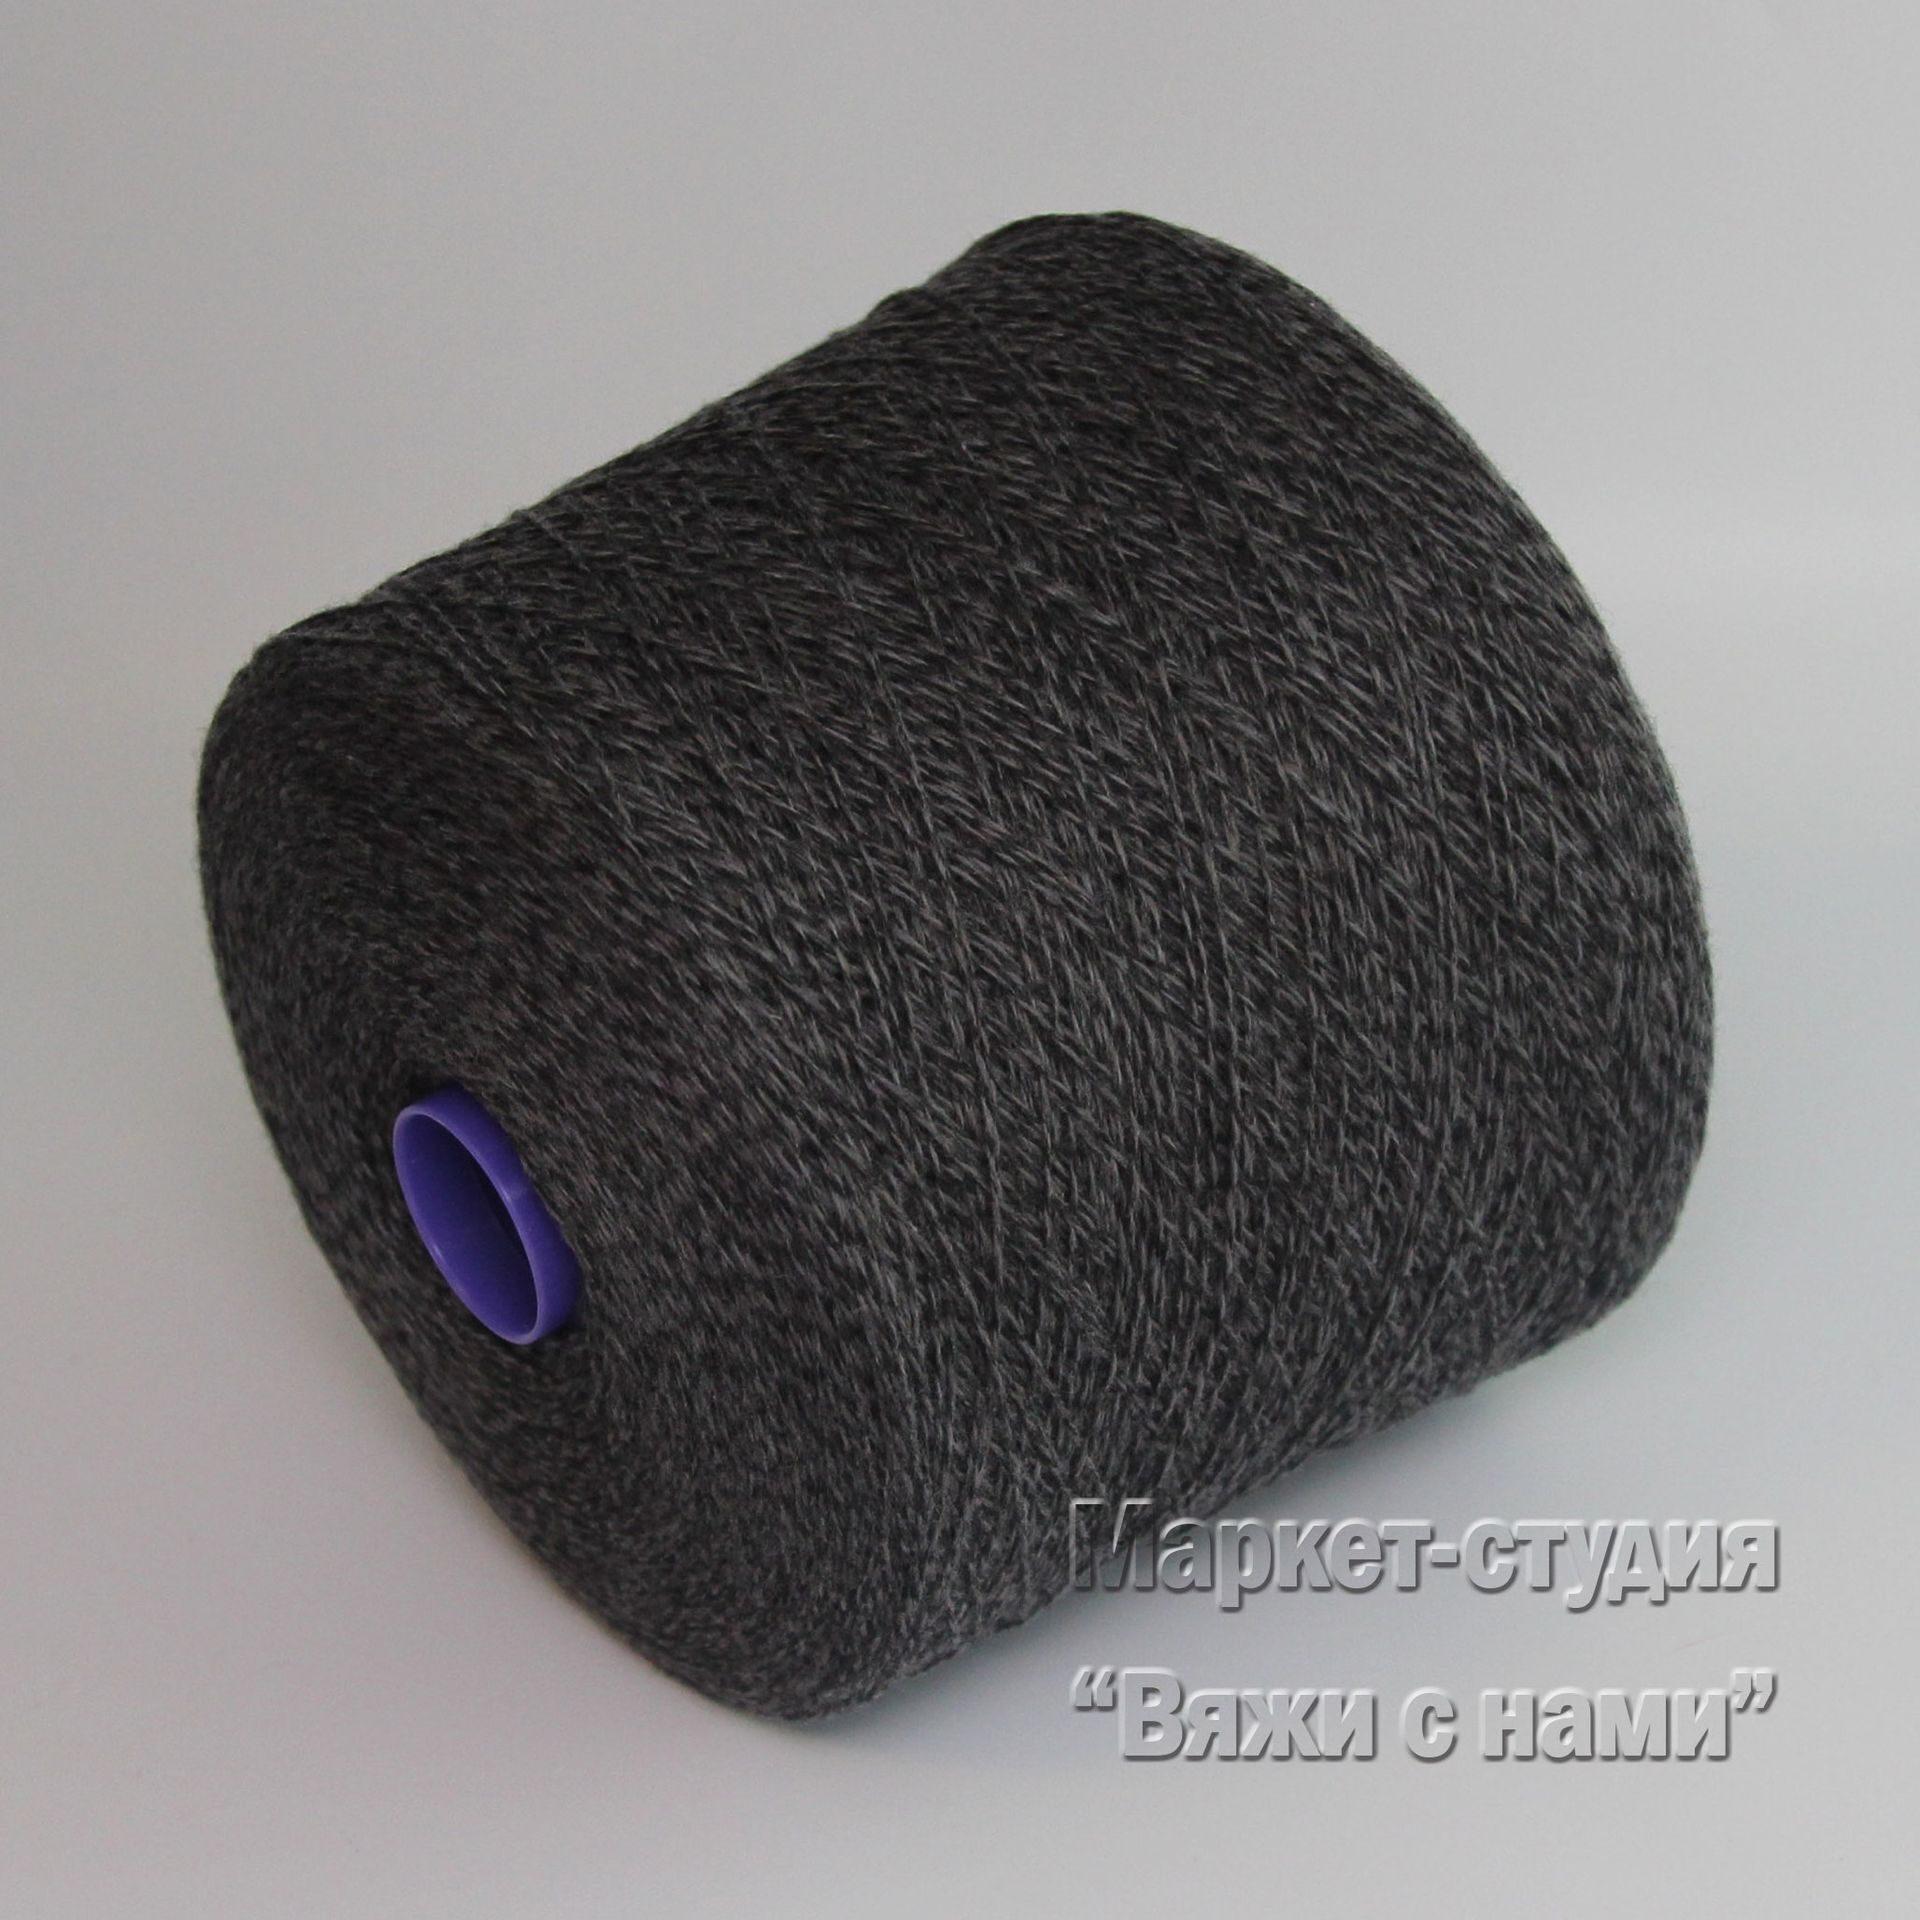 Пряжа для вязания в интернет-магазине | Купить пряжу для ...